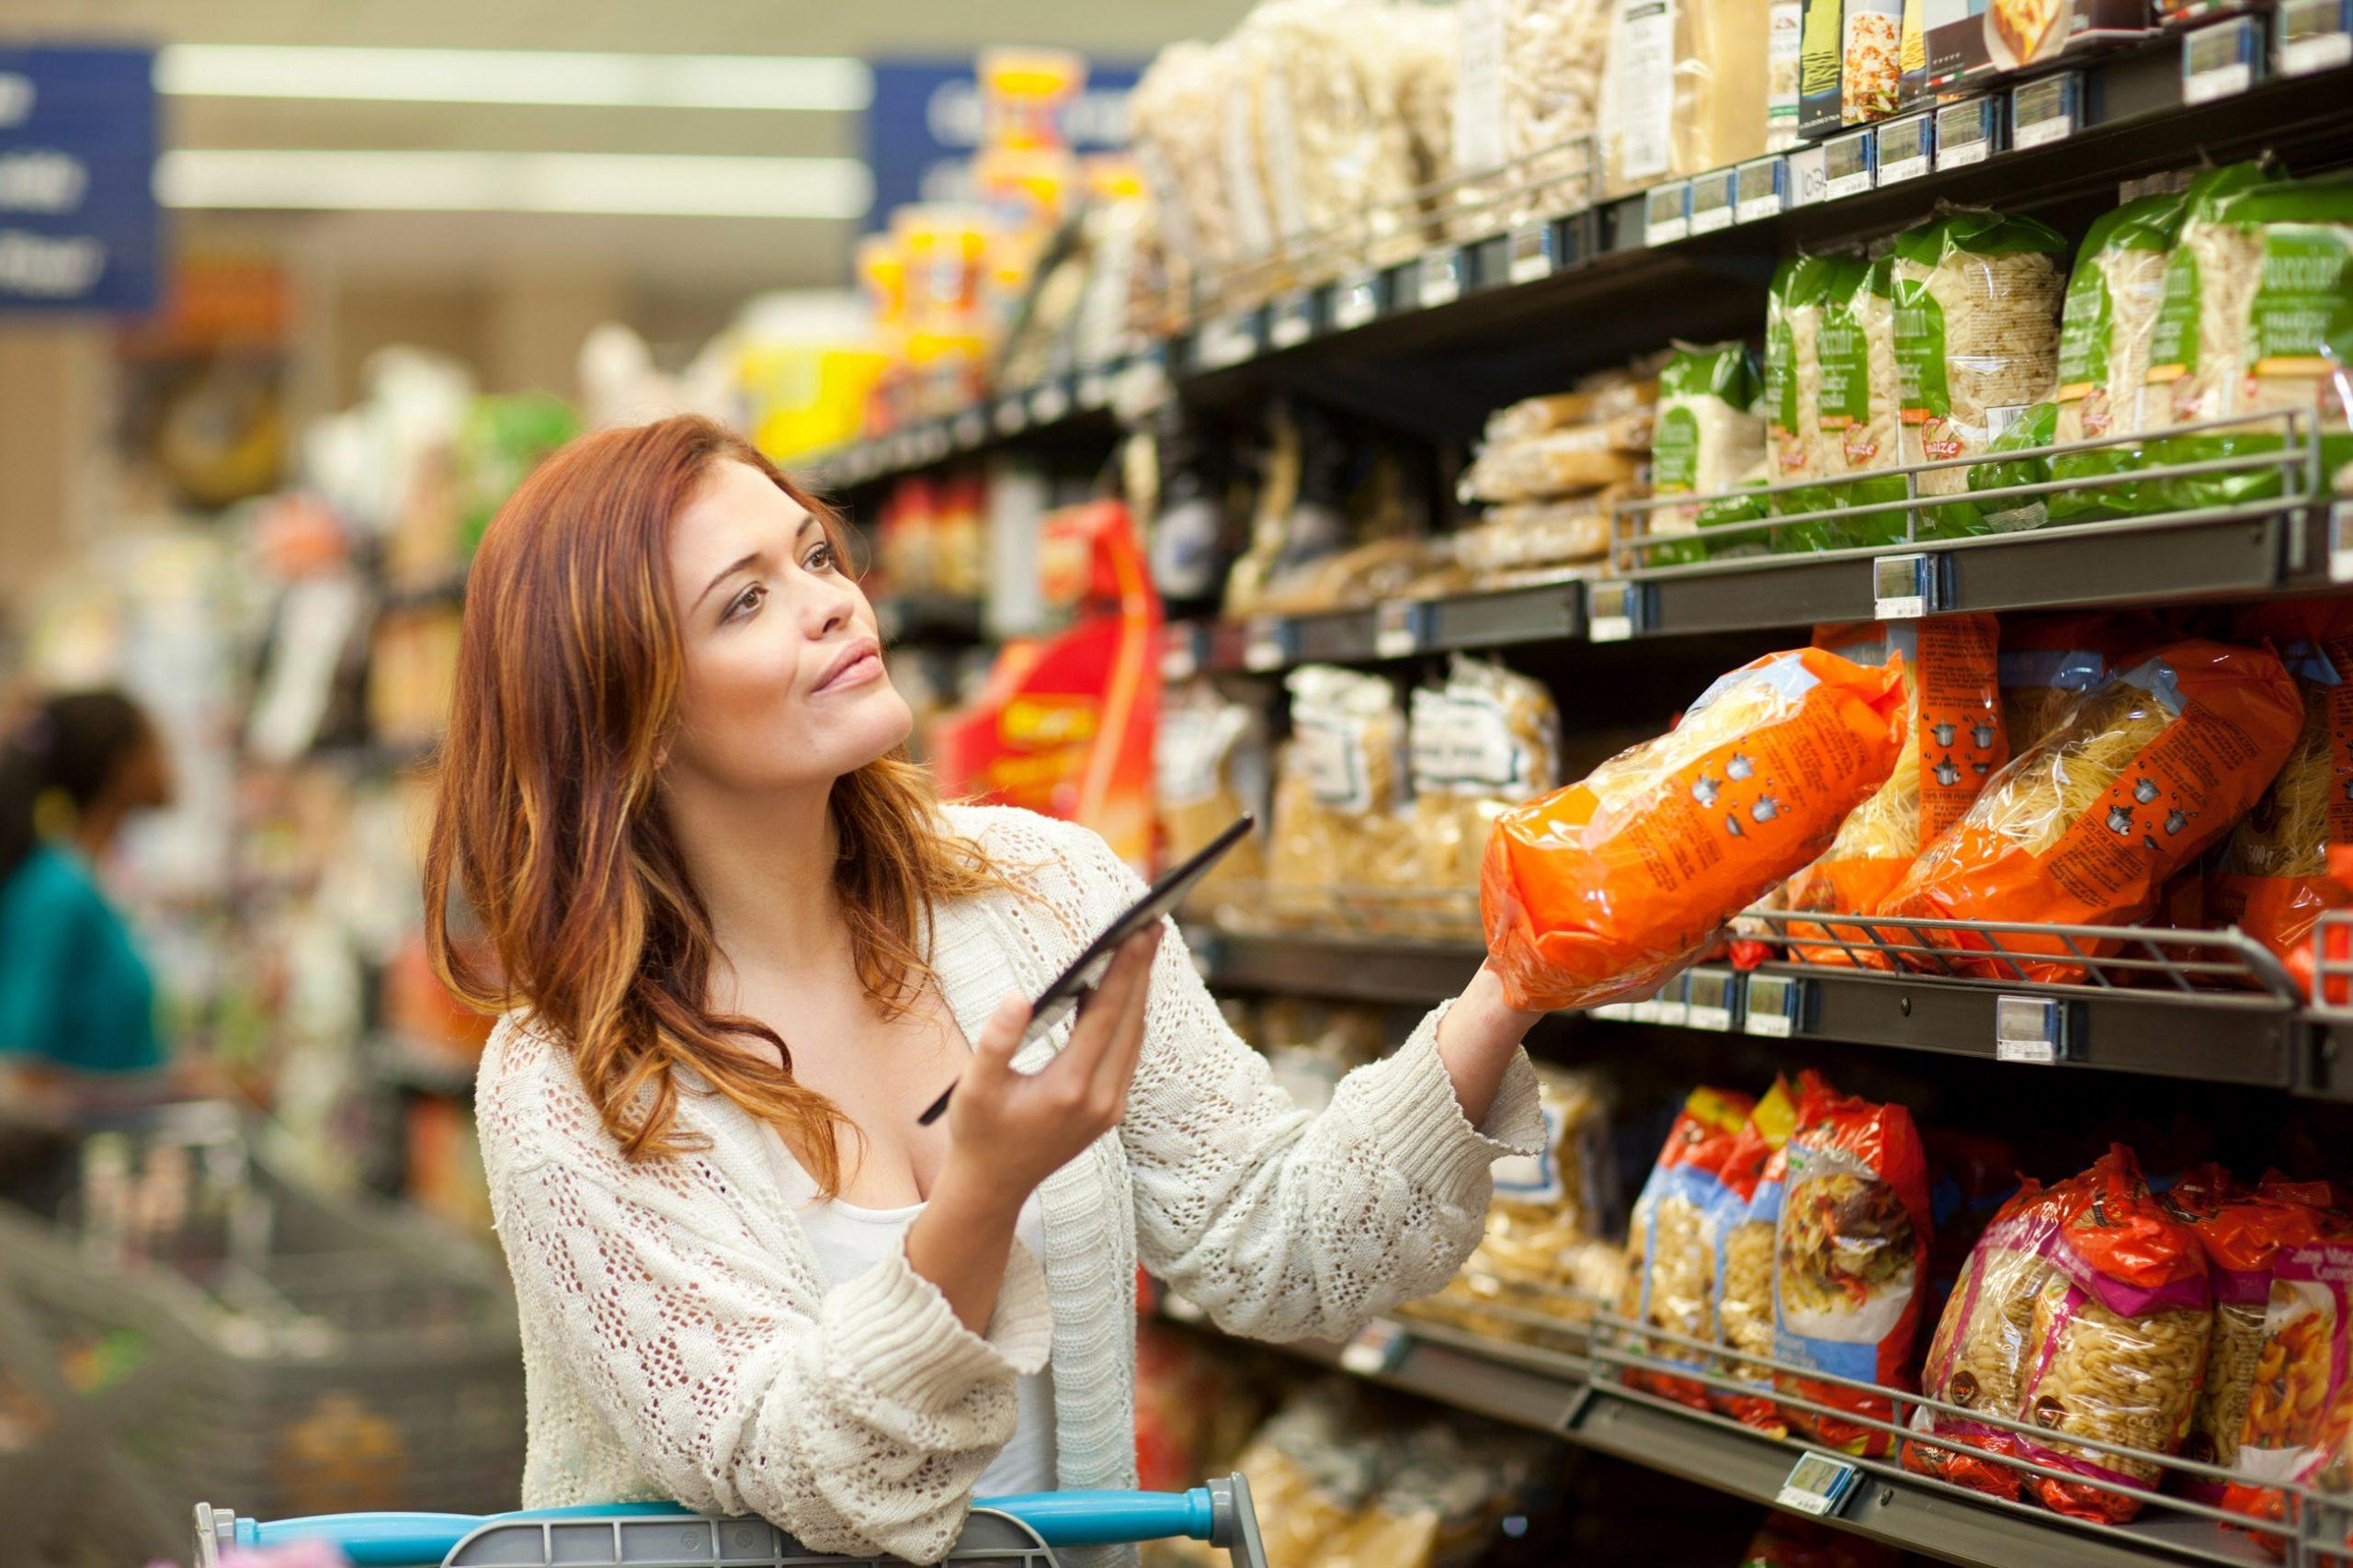 I nuovi consumi degli italiani: la GDO racconta il nostro paese ai tempi del lockdown